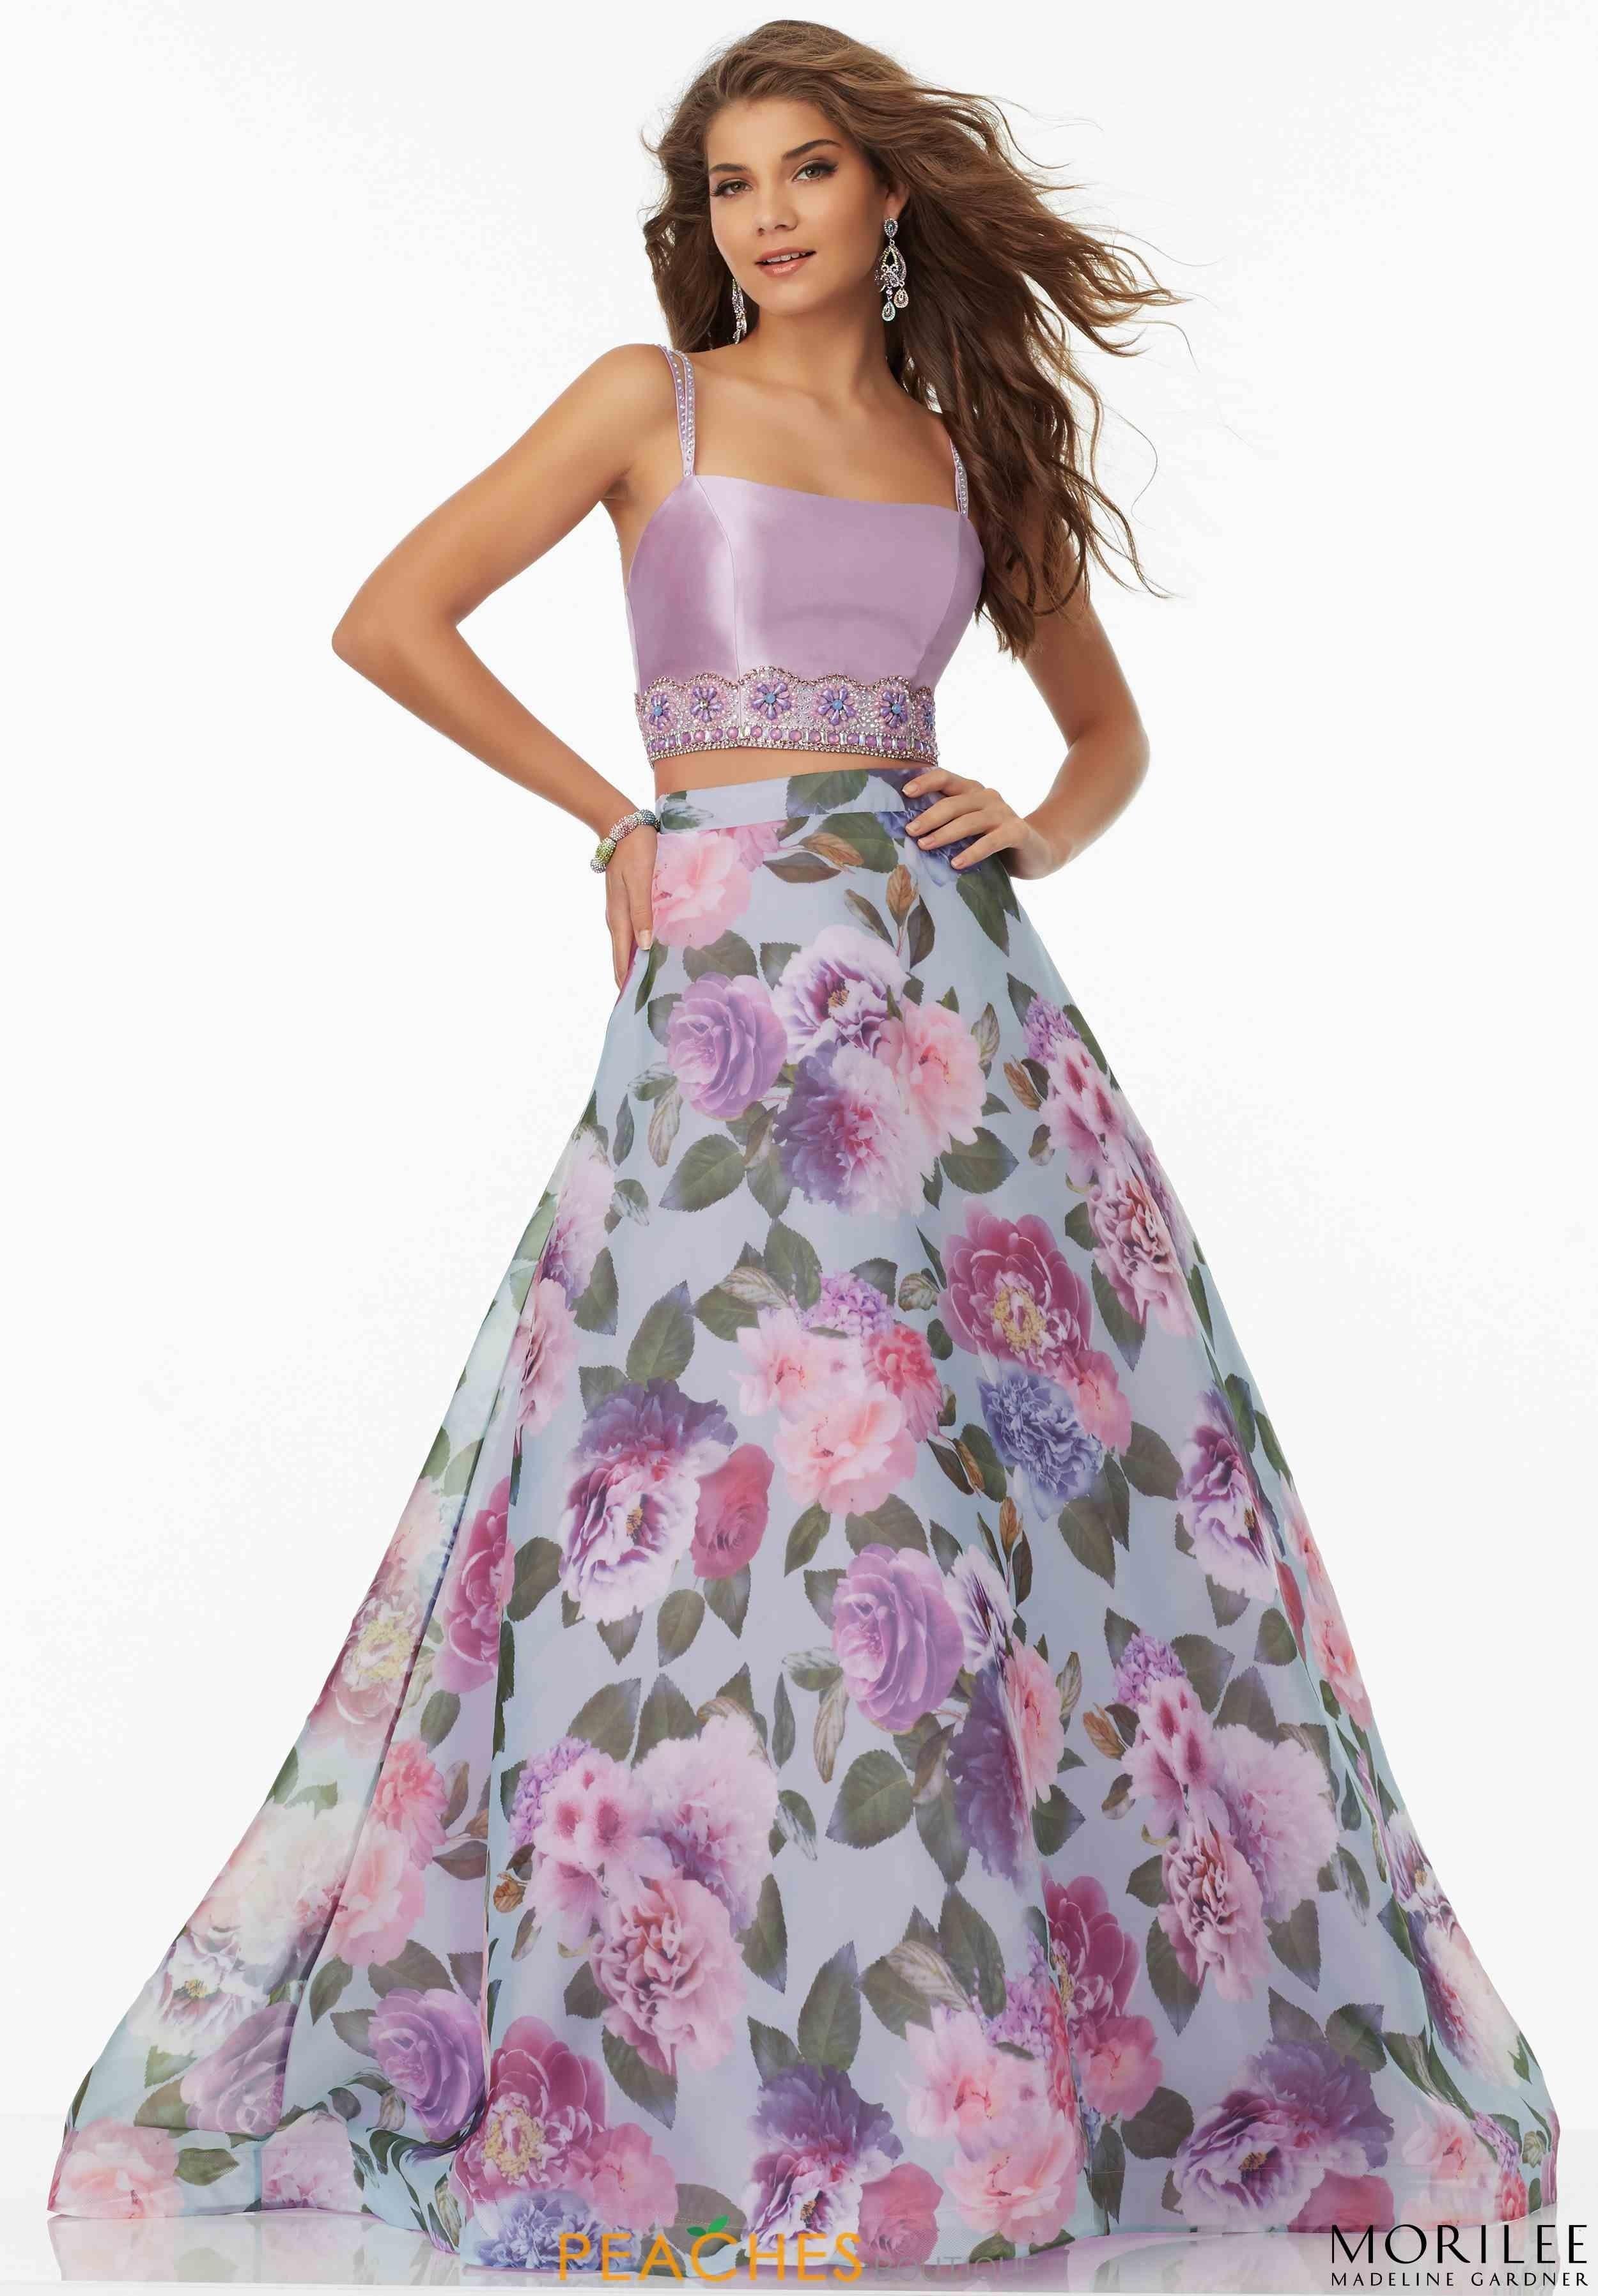 Formal Großartig Abendkleider Lang Bauchfrei für 2019 Top Abendkleider Lang Bauchfrei Boutique